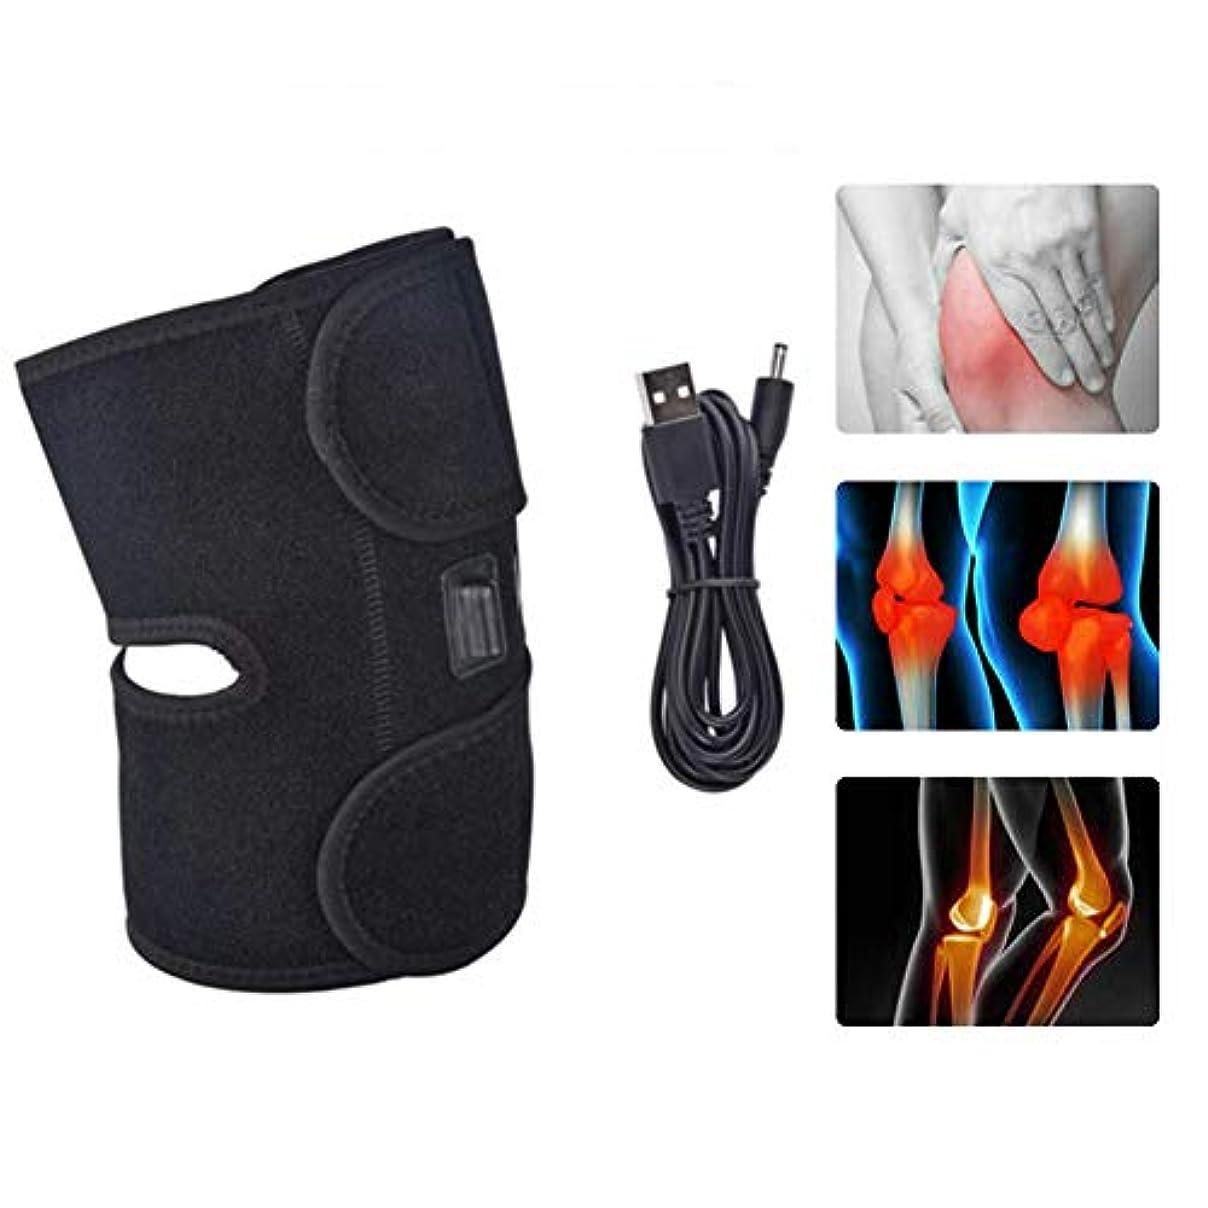 漁師マーケティング会社膝の怪我のための3つのファイル温度療法の熱い圧縮の熱くするパッド膝の暖かいラップが付いている電気暖房の膝支柱,2pcs